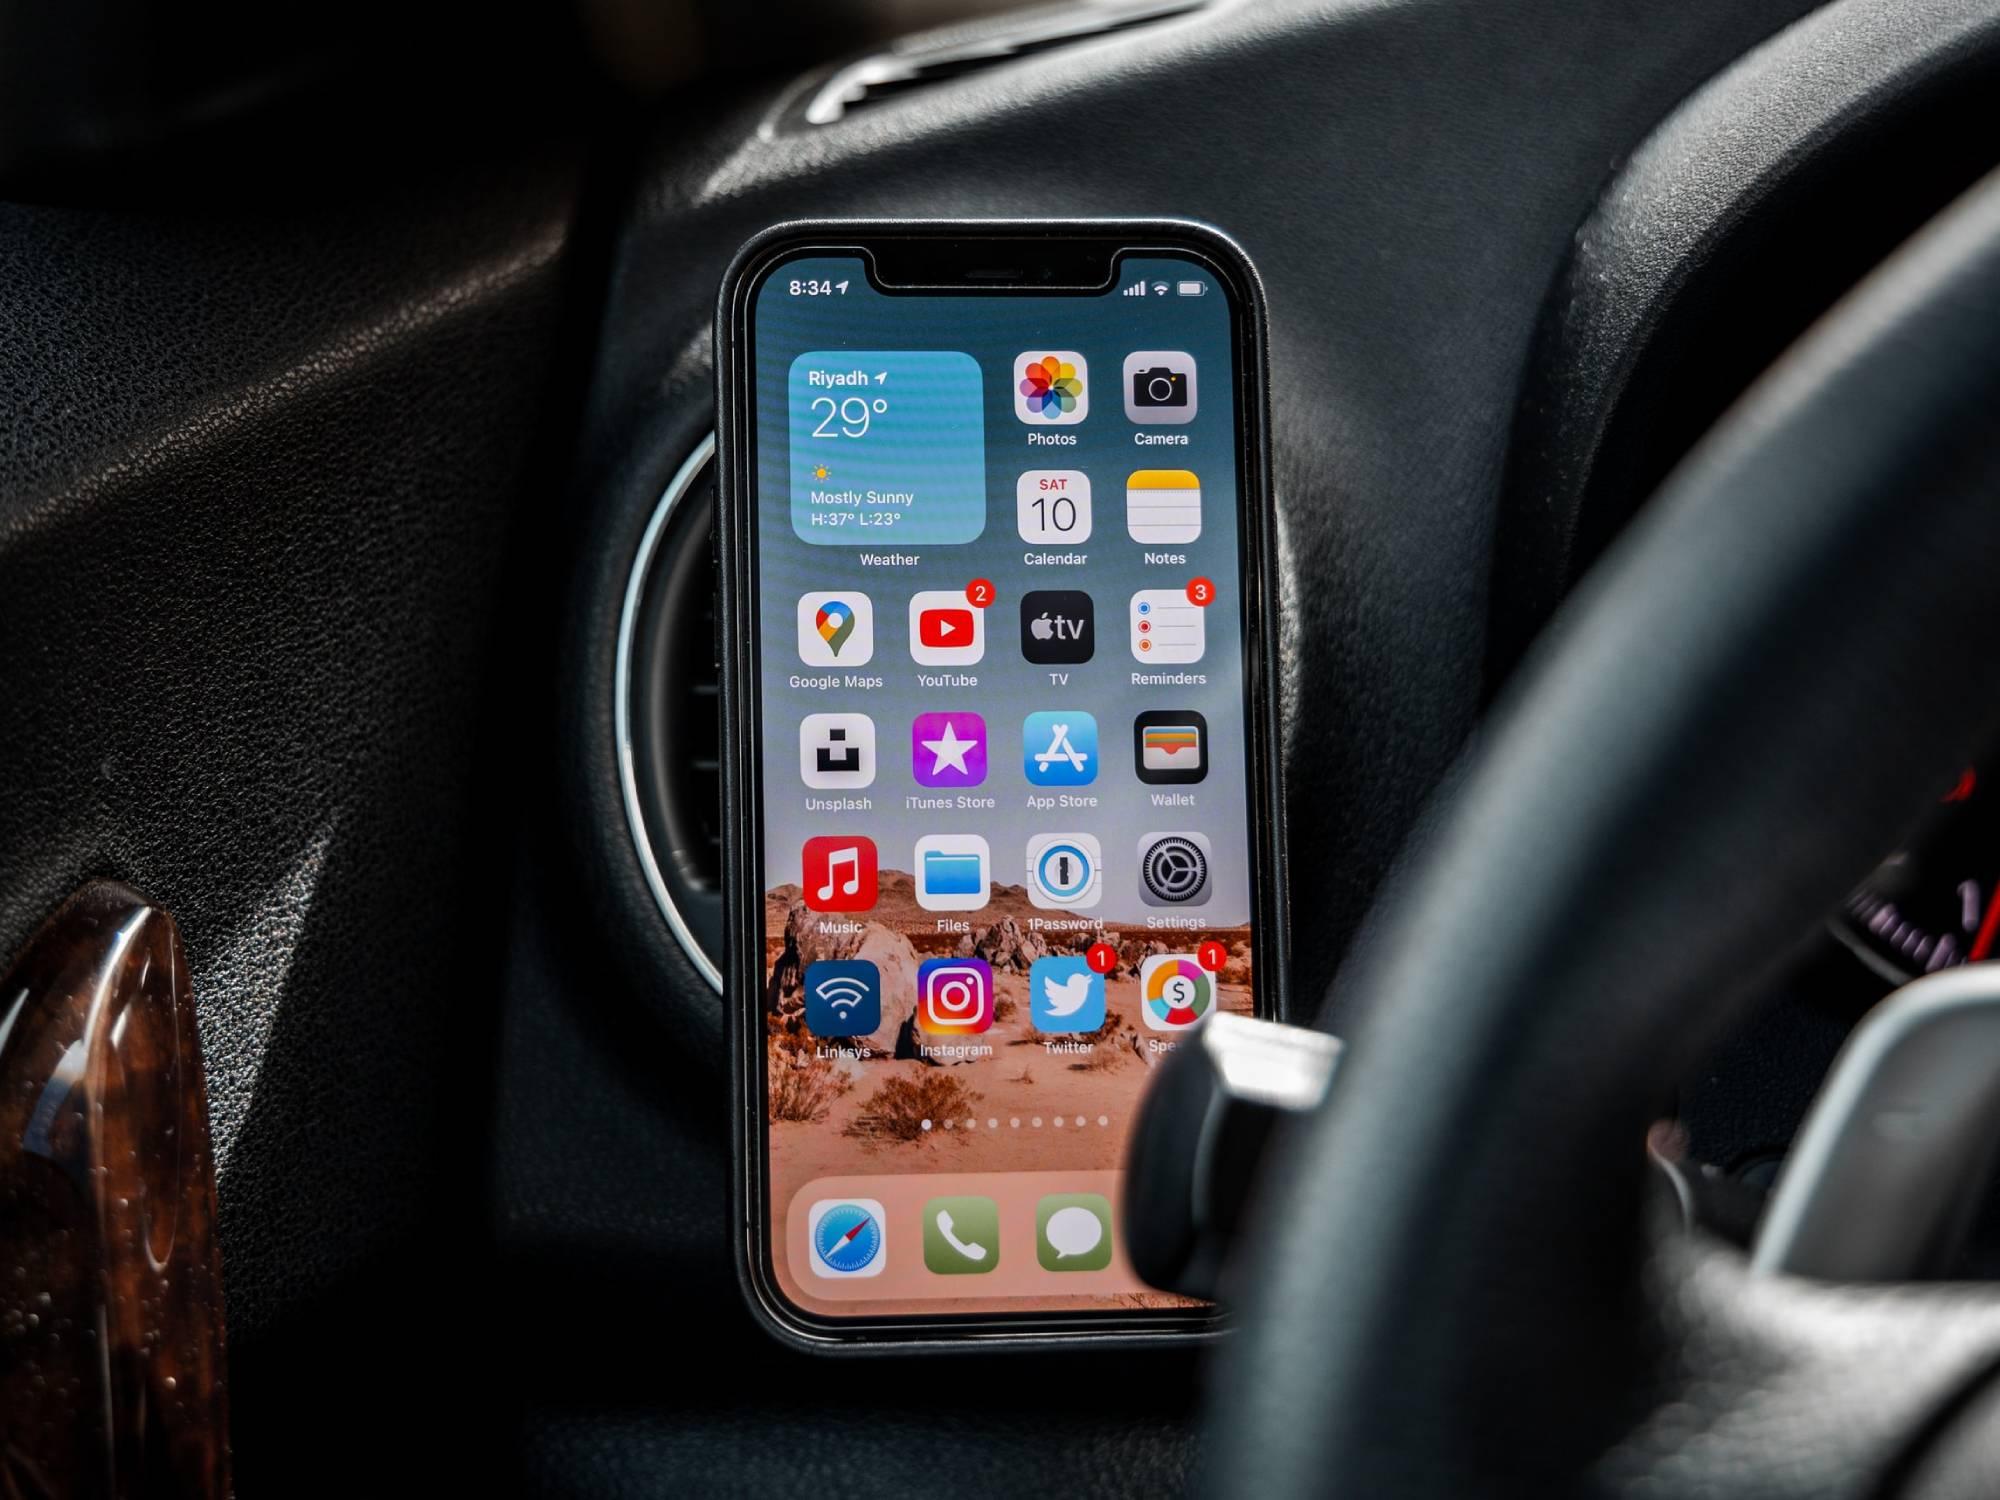 iPhone beside steering wheel in car